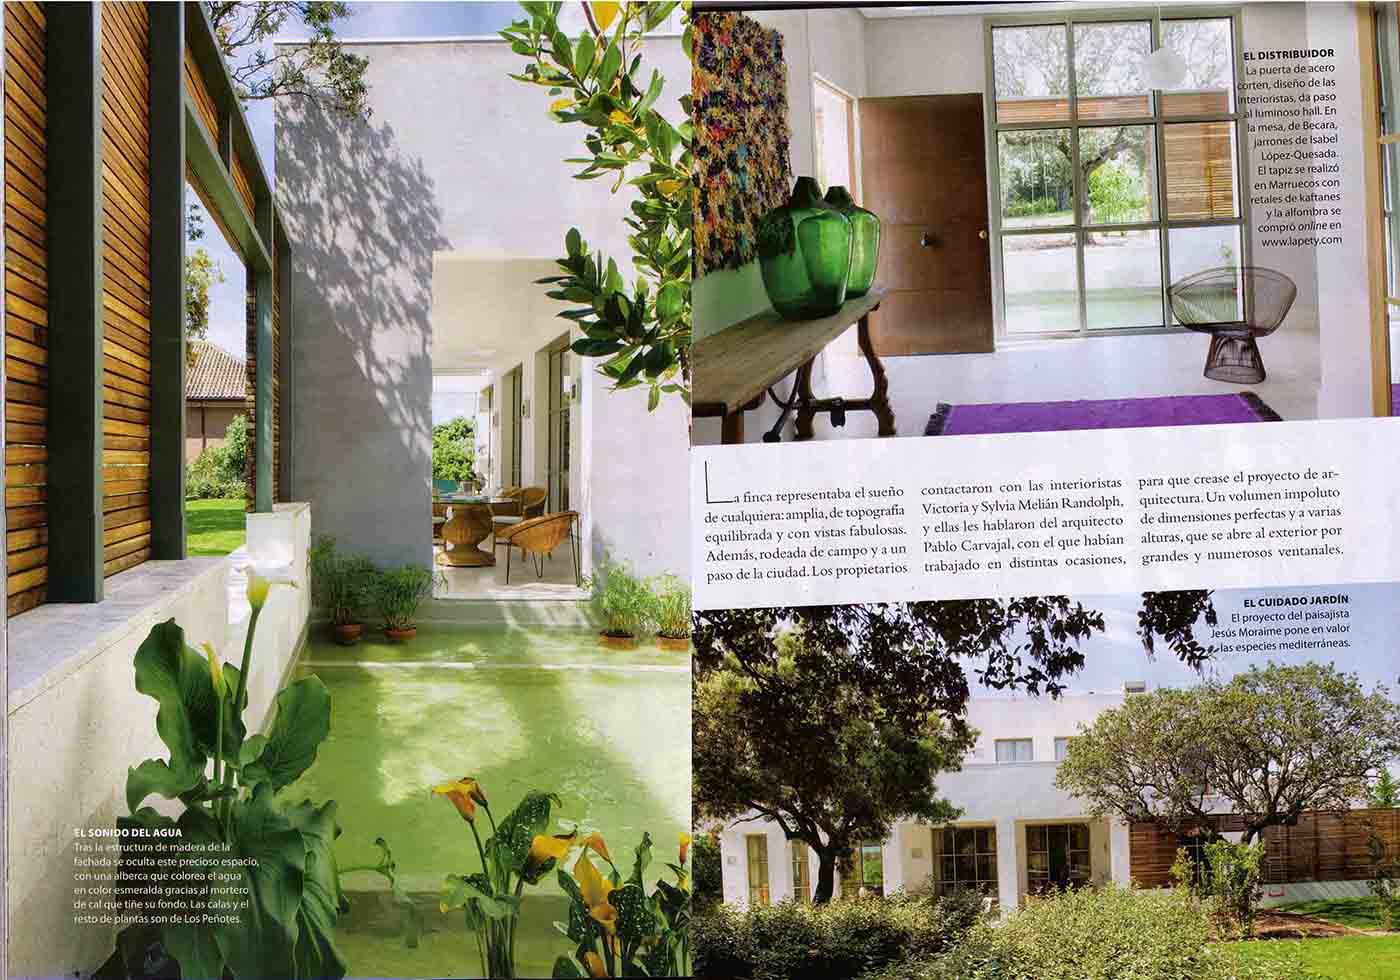 revista-nuevo_estilo-julio-2011-melian_randolph-2